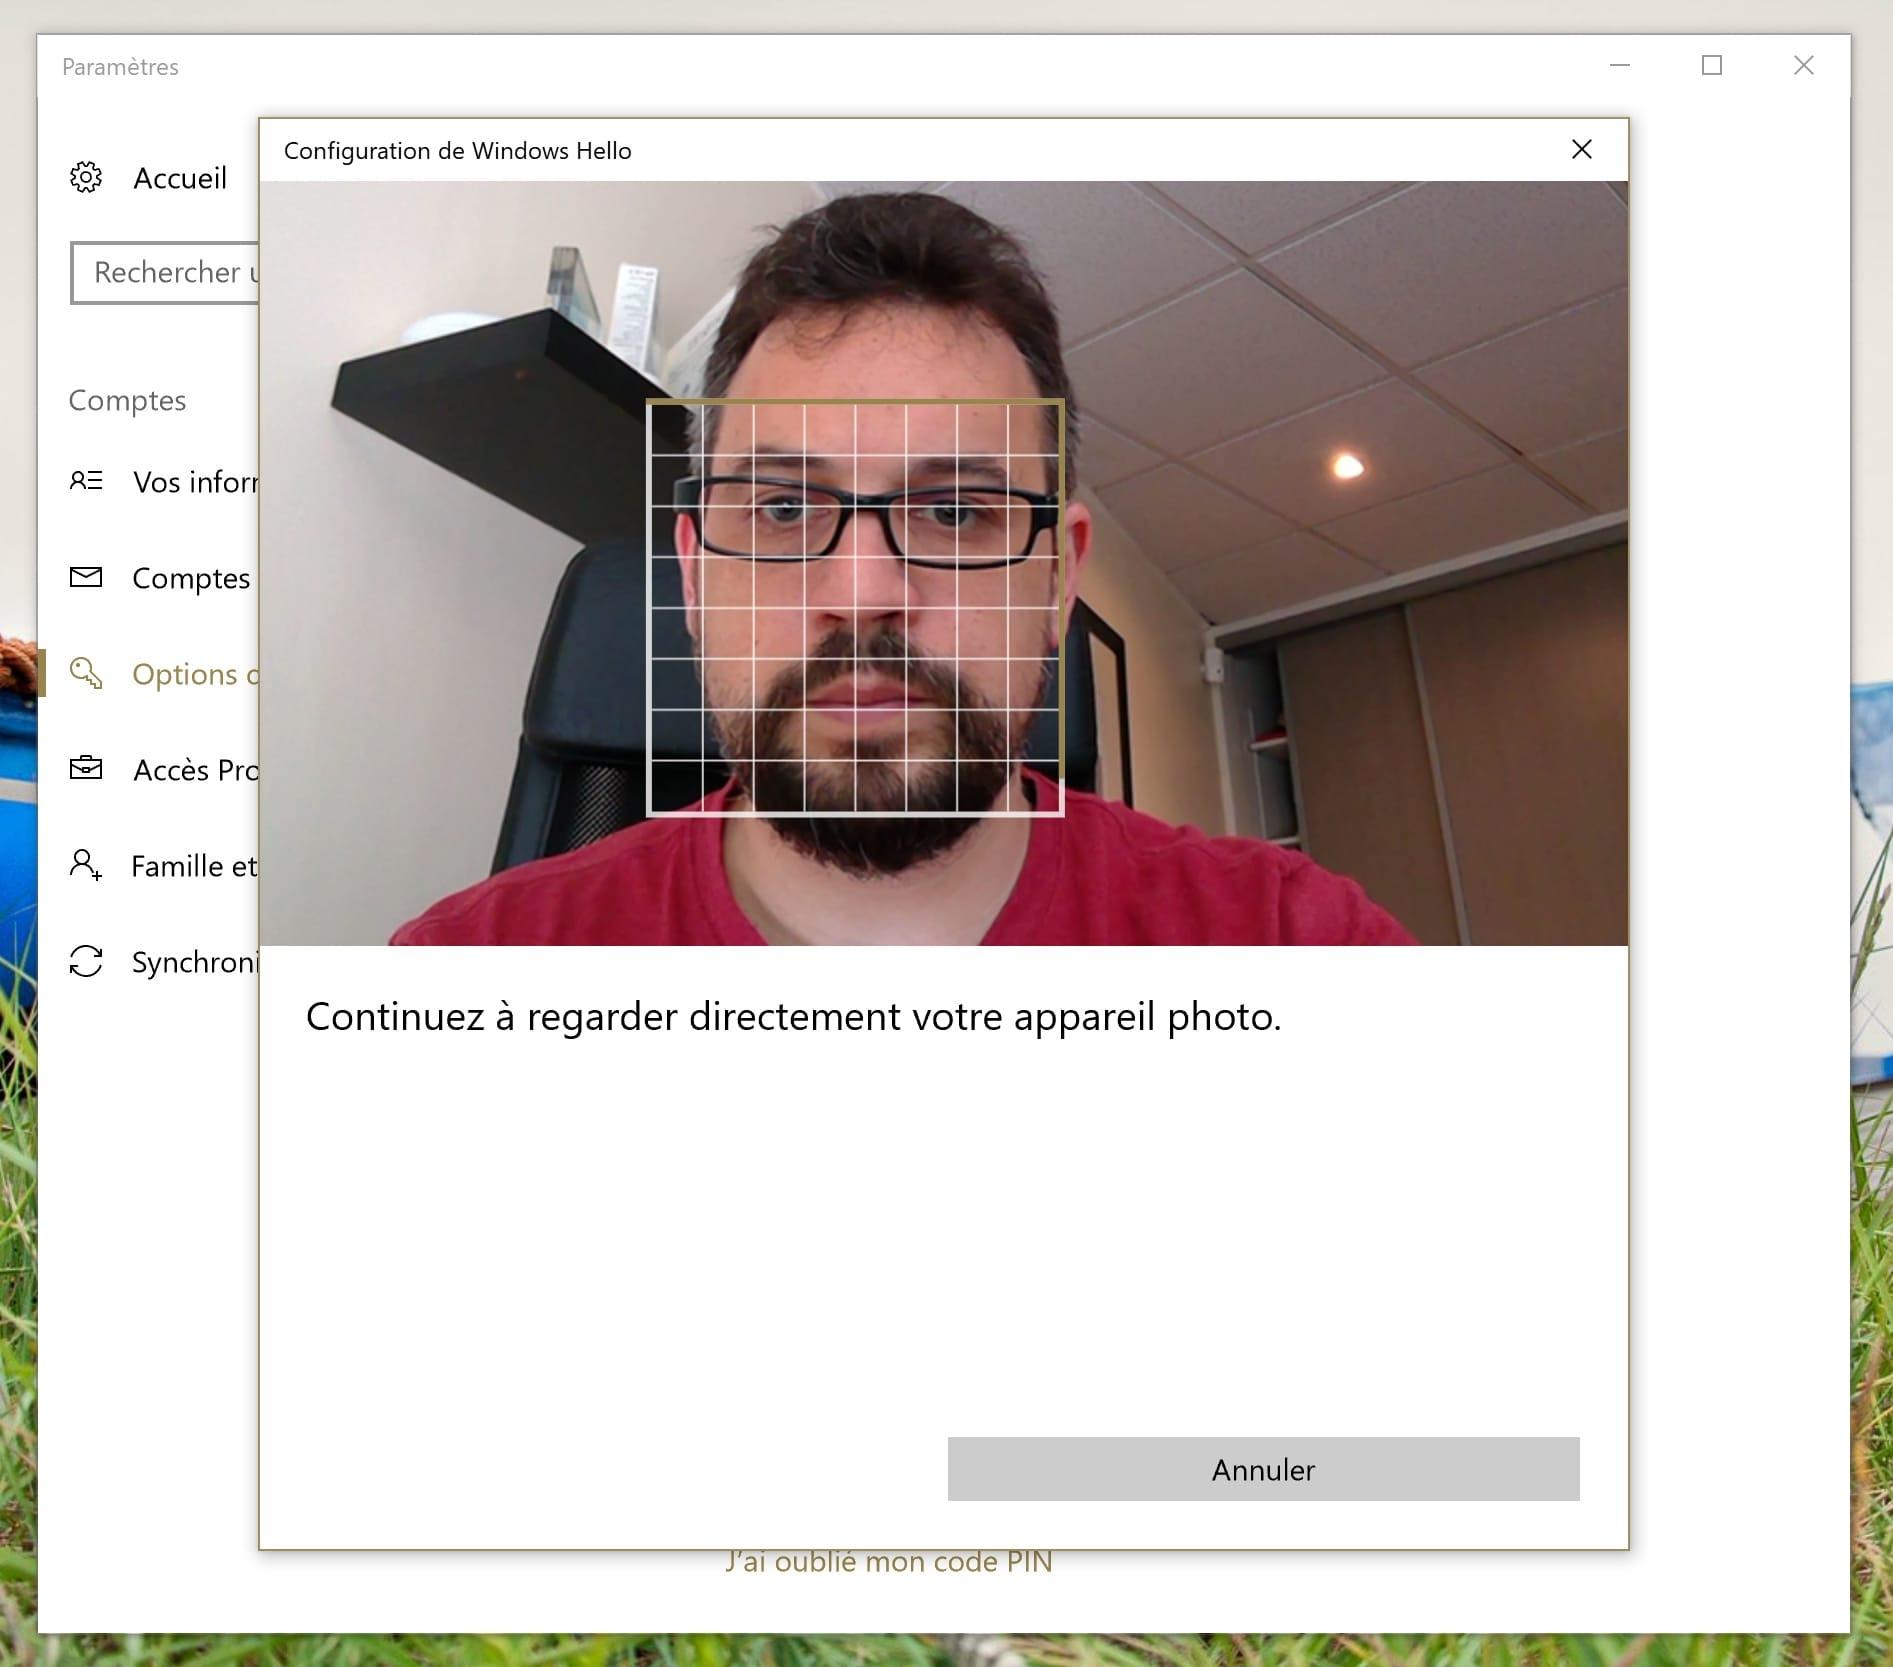 Logiciel de reconnaissance faciale pour windows